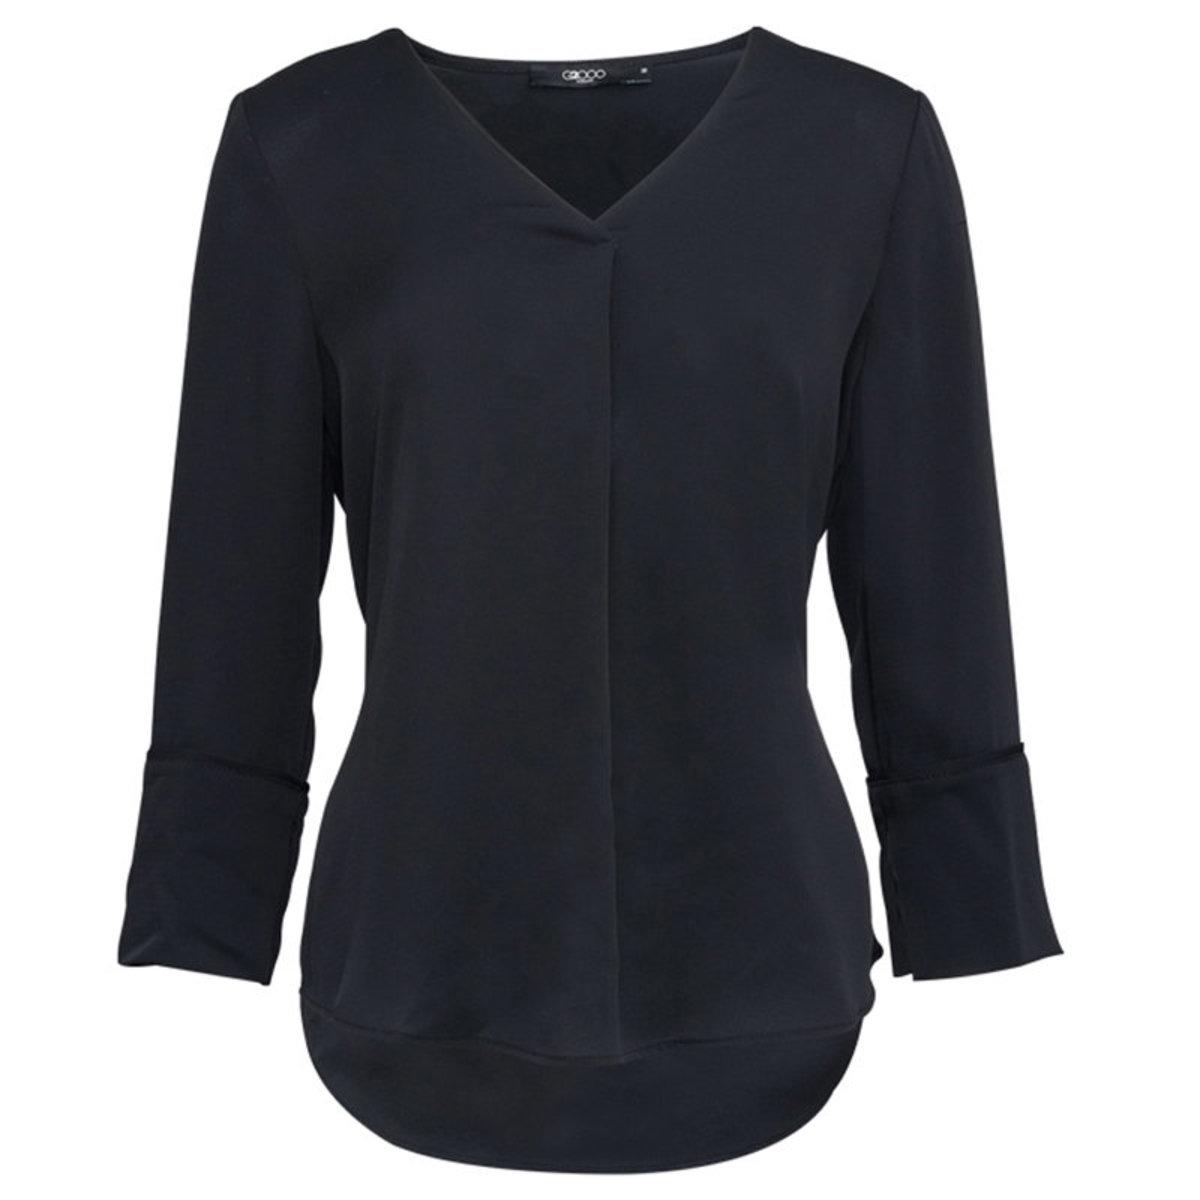 Women's V-neck Top (Black)